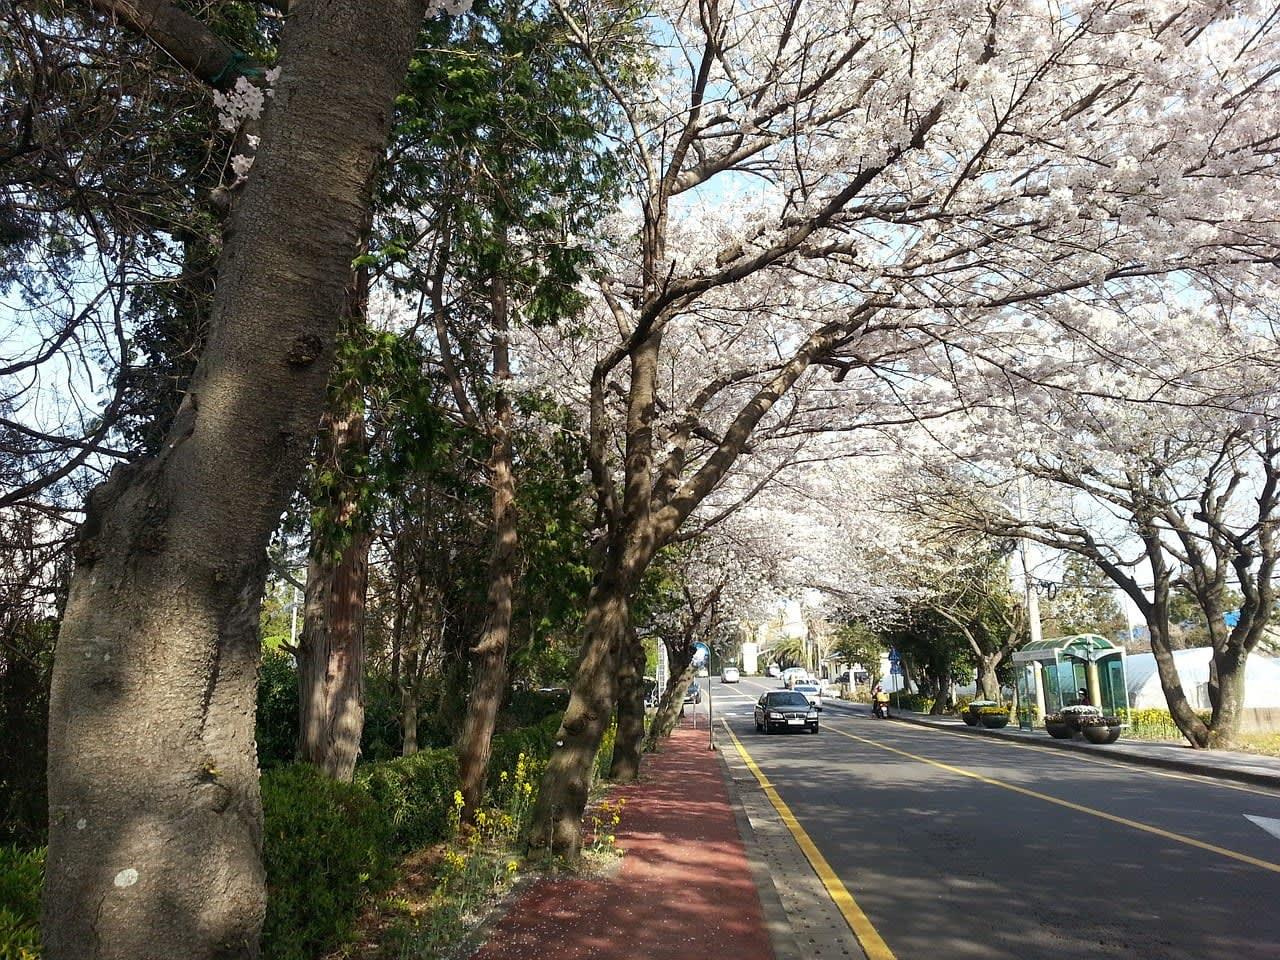 Giấc mơ anh đào: 11 điểm ngắm hoa đẹp nhất Hàn Quốc không thể bỏ lỡ 9